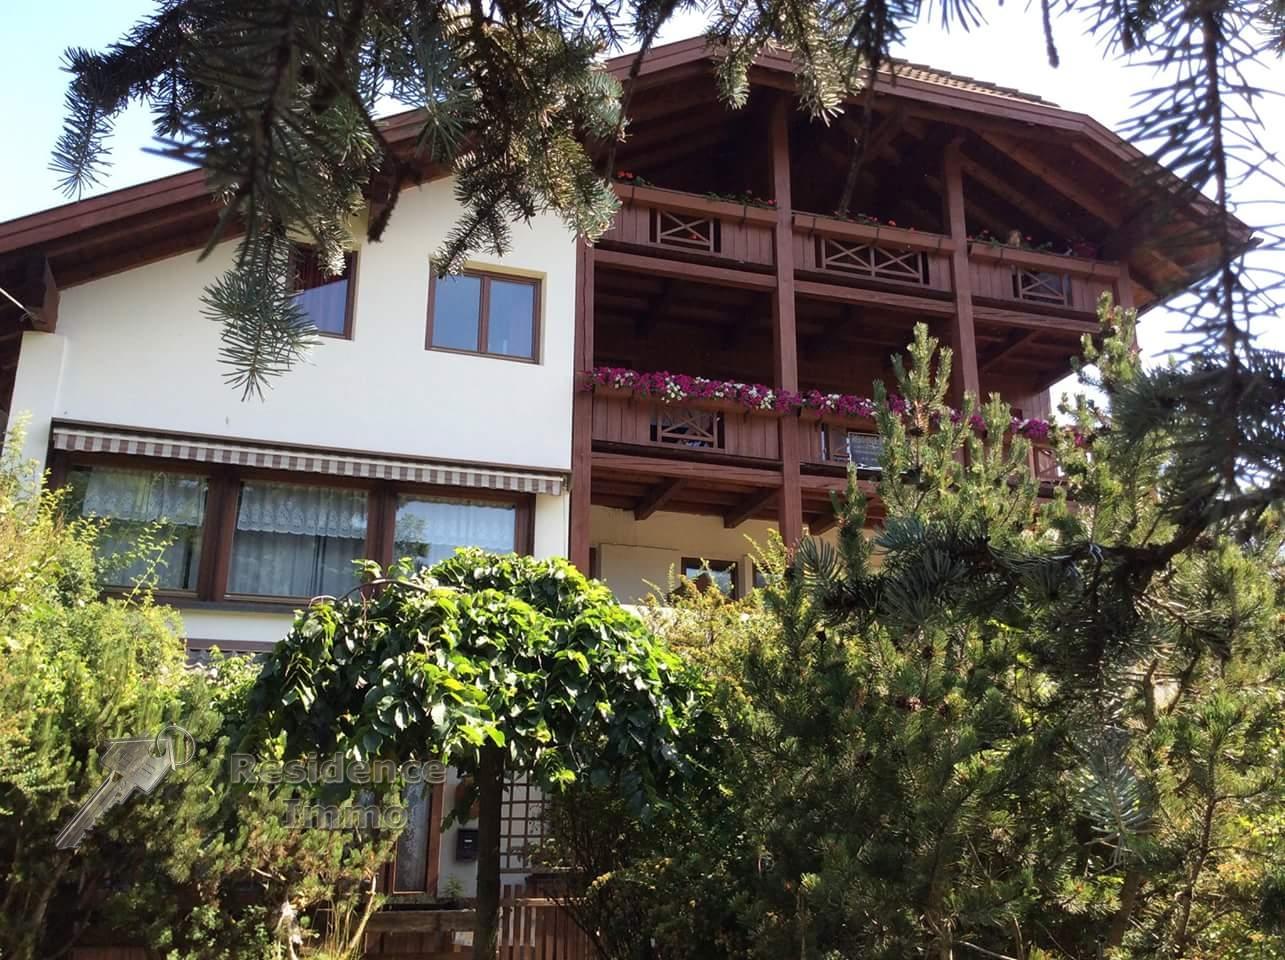 Appartamento in vendita a Villabassa, 1 locali, prezzo € 168.000 | Cambio Casa.it